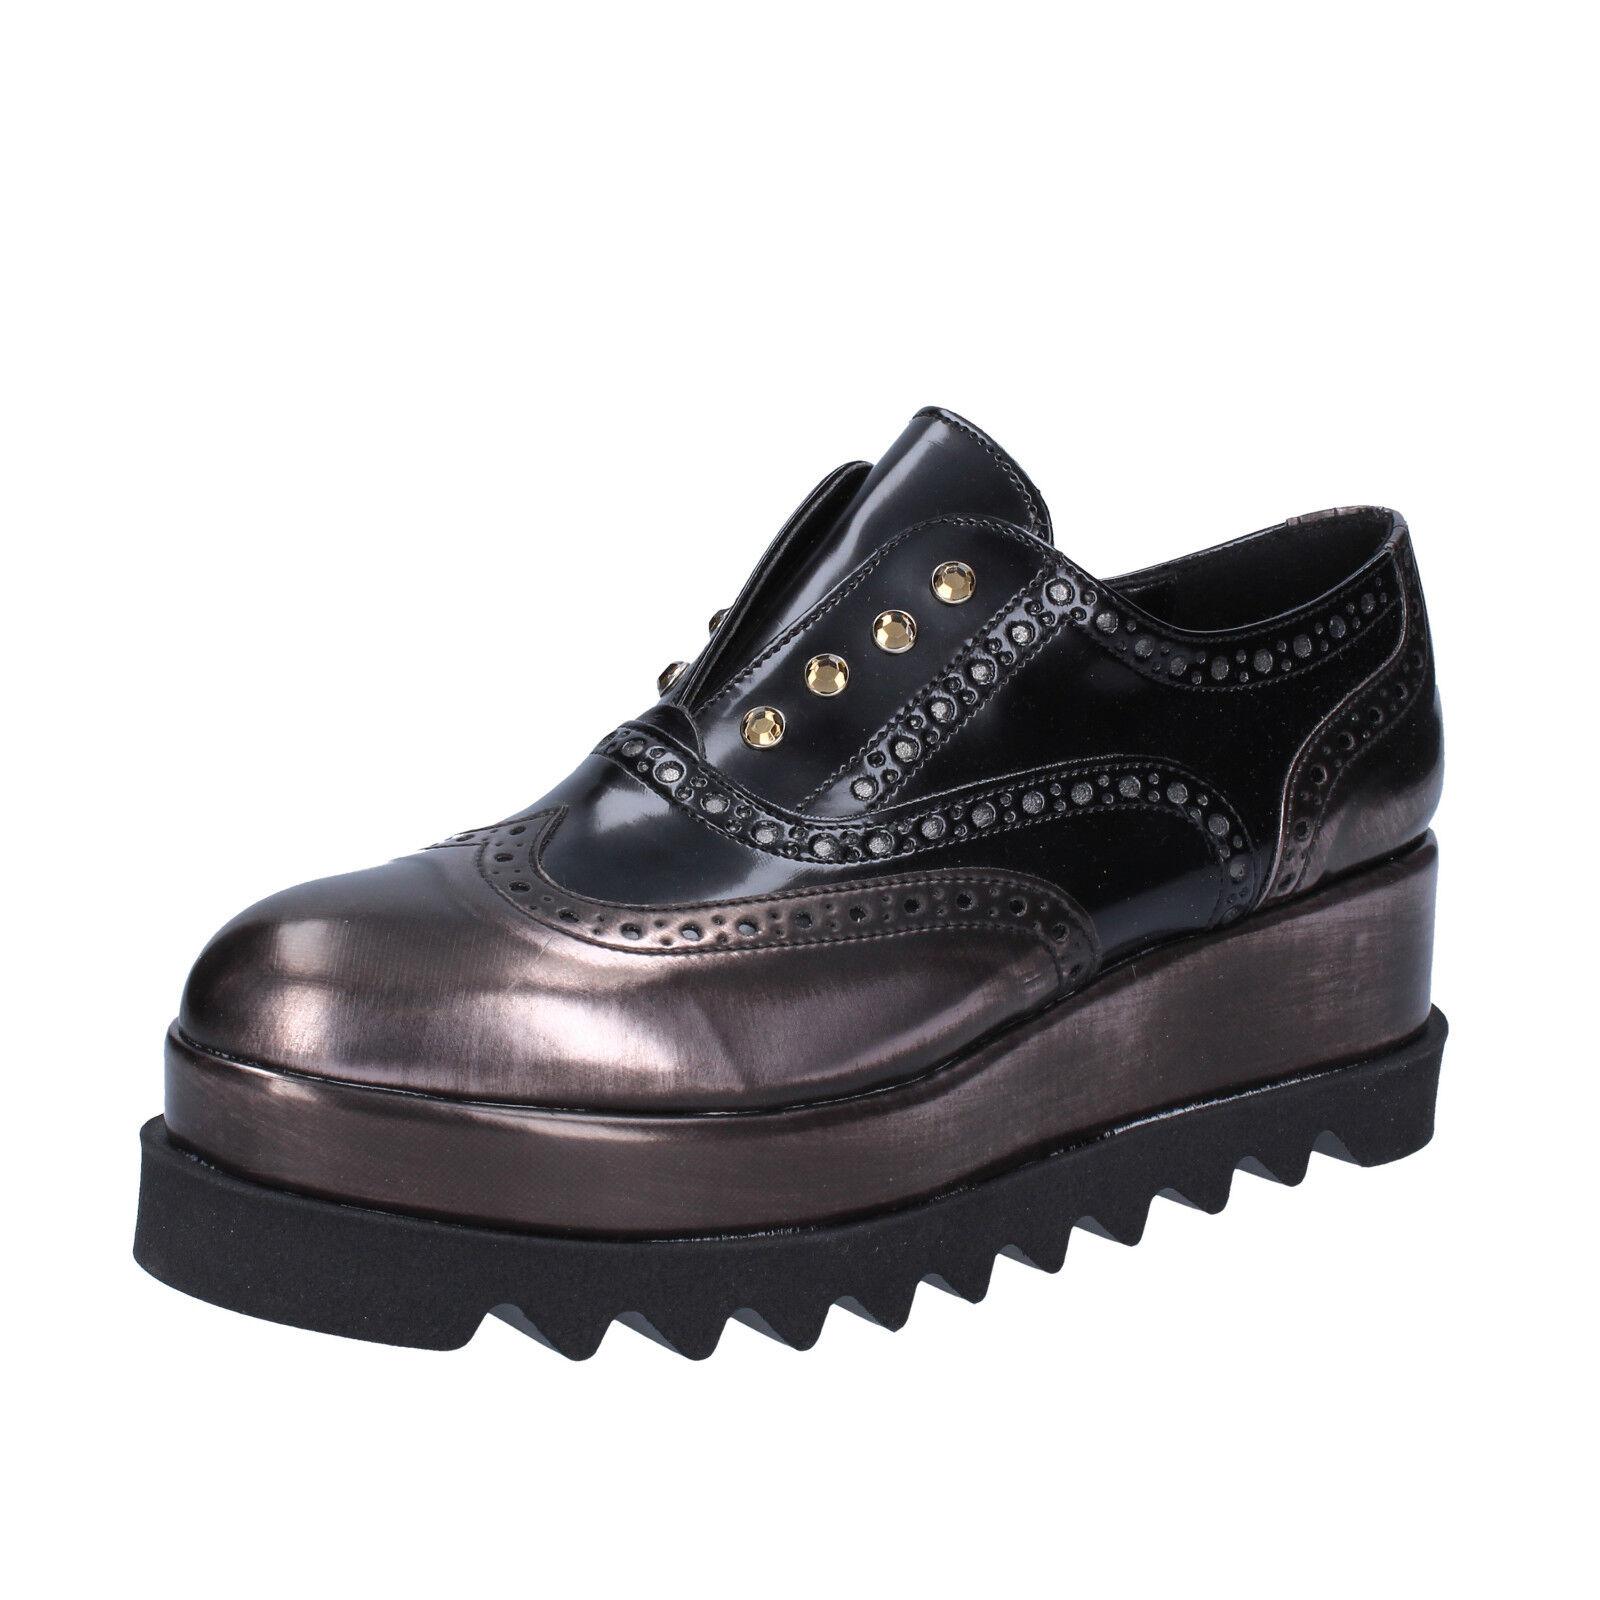 Scarpe 38 da Donna Olga RUBINI 38 Scarpe UE elegante nero in pelle bronzo bx785-38 16290b